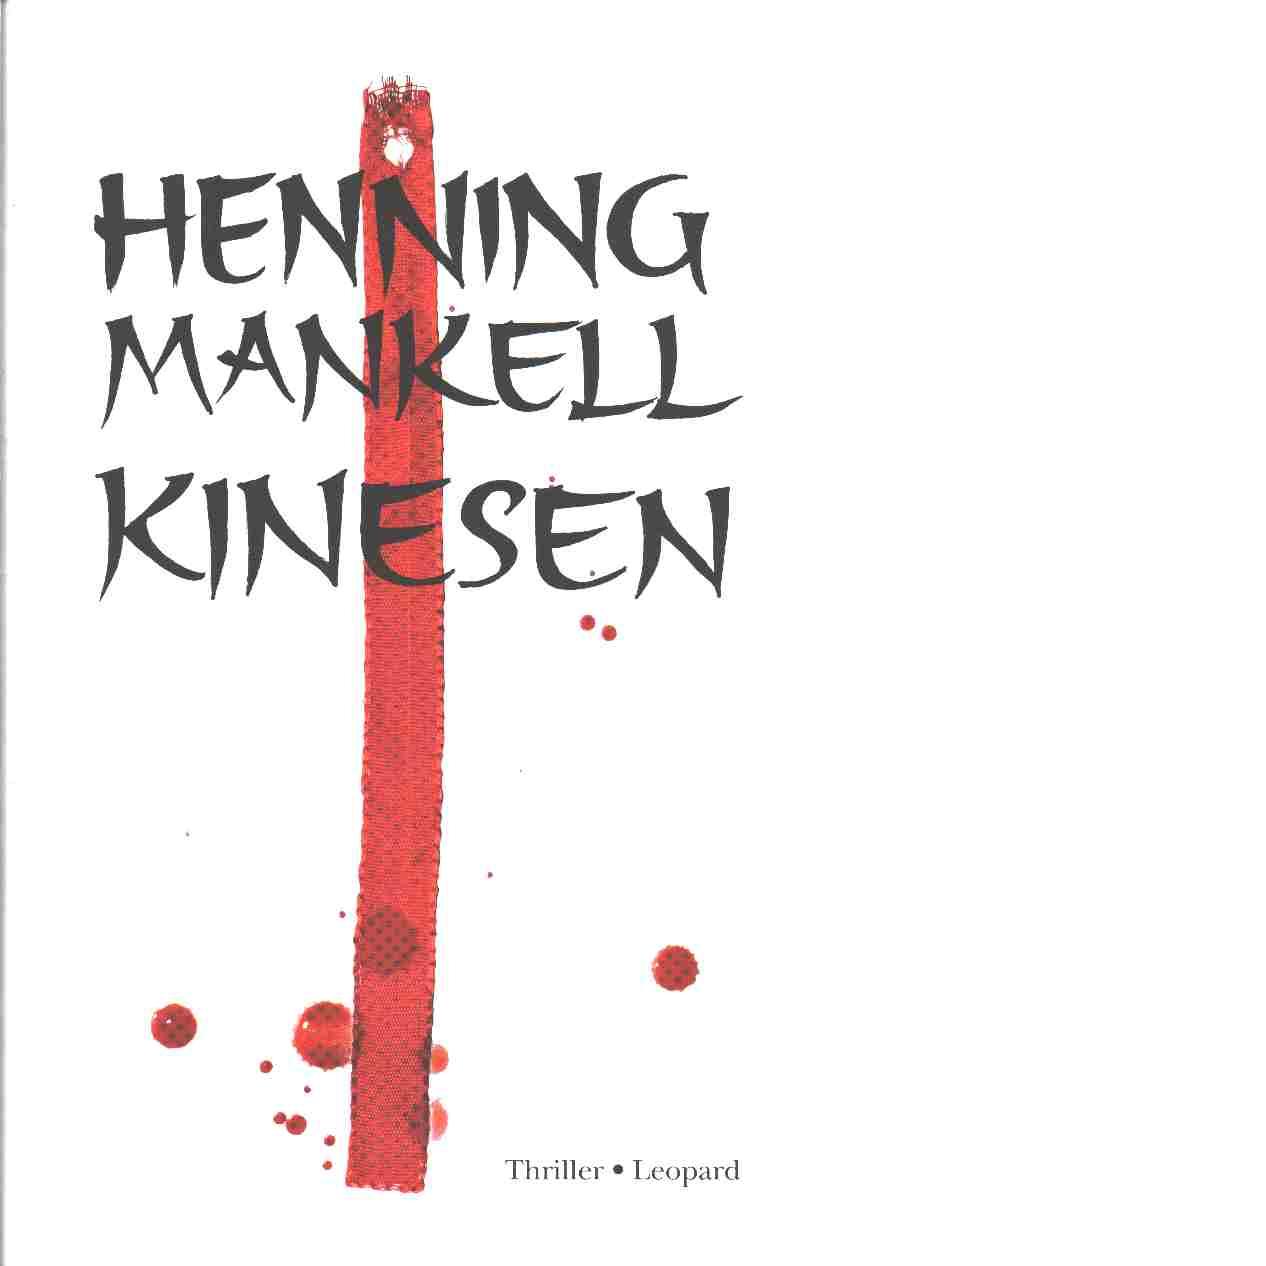 Kinesen - Mankell, Henning